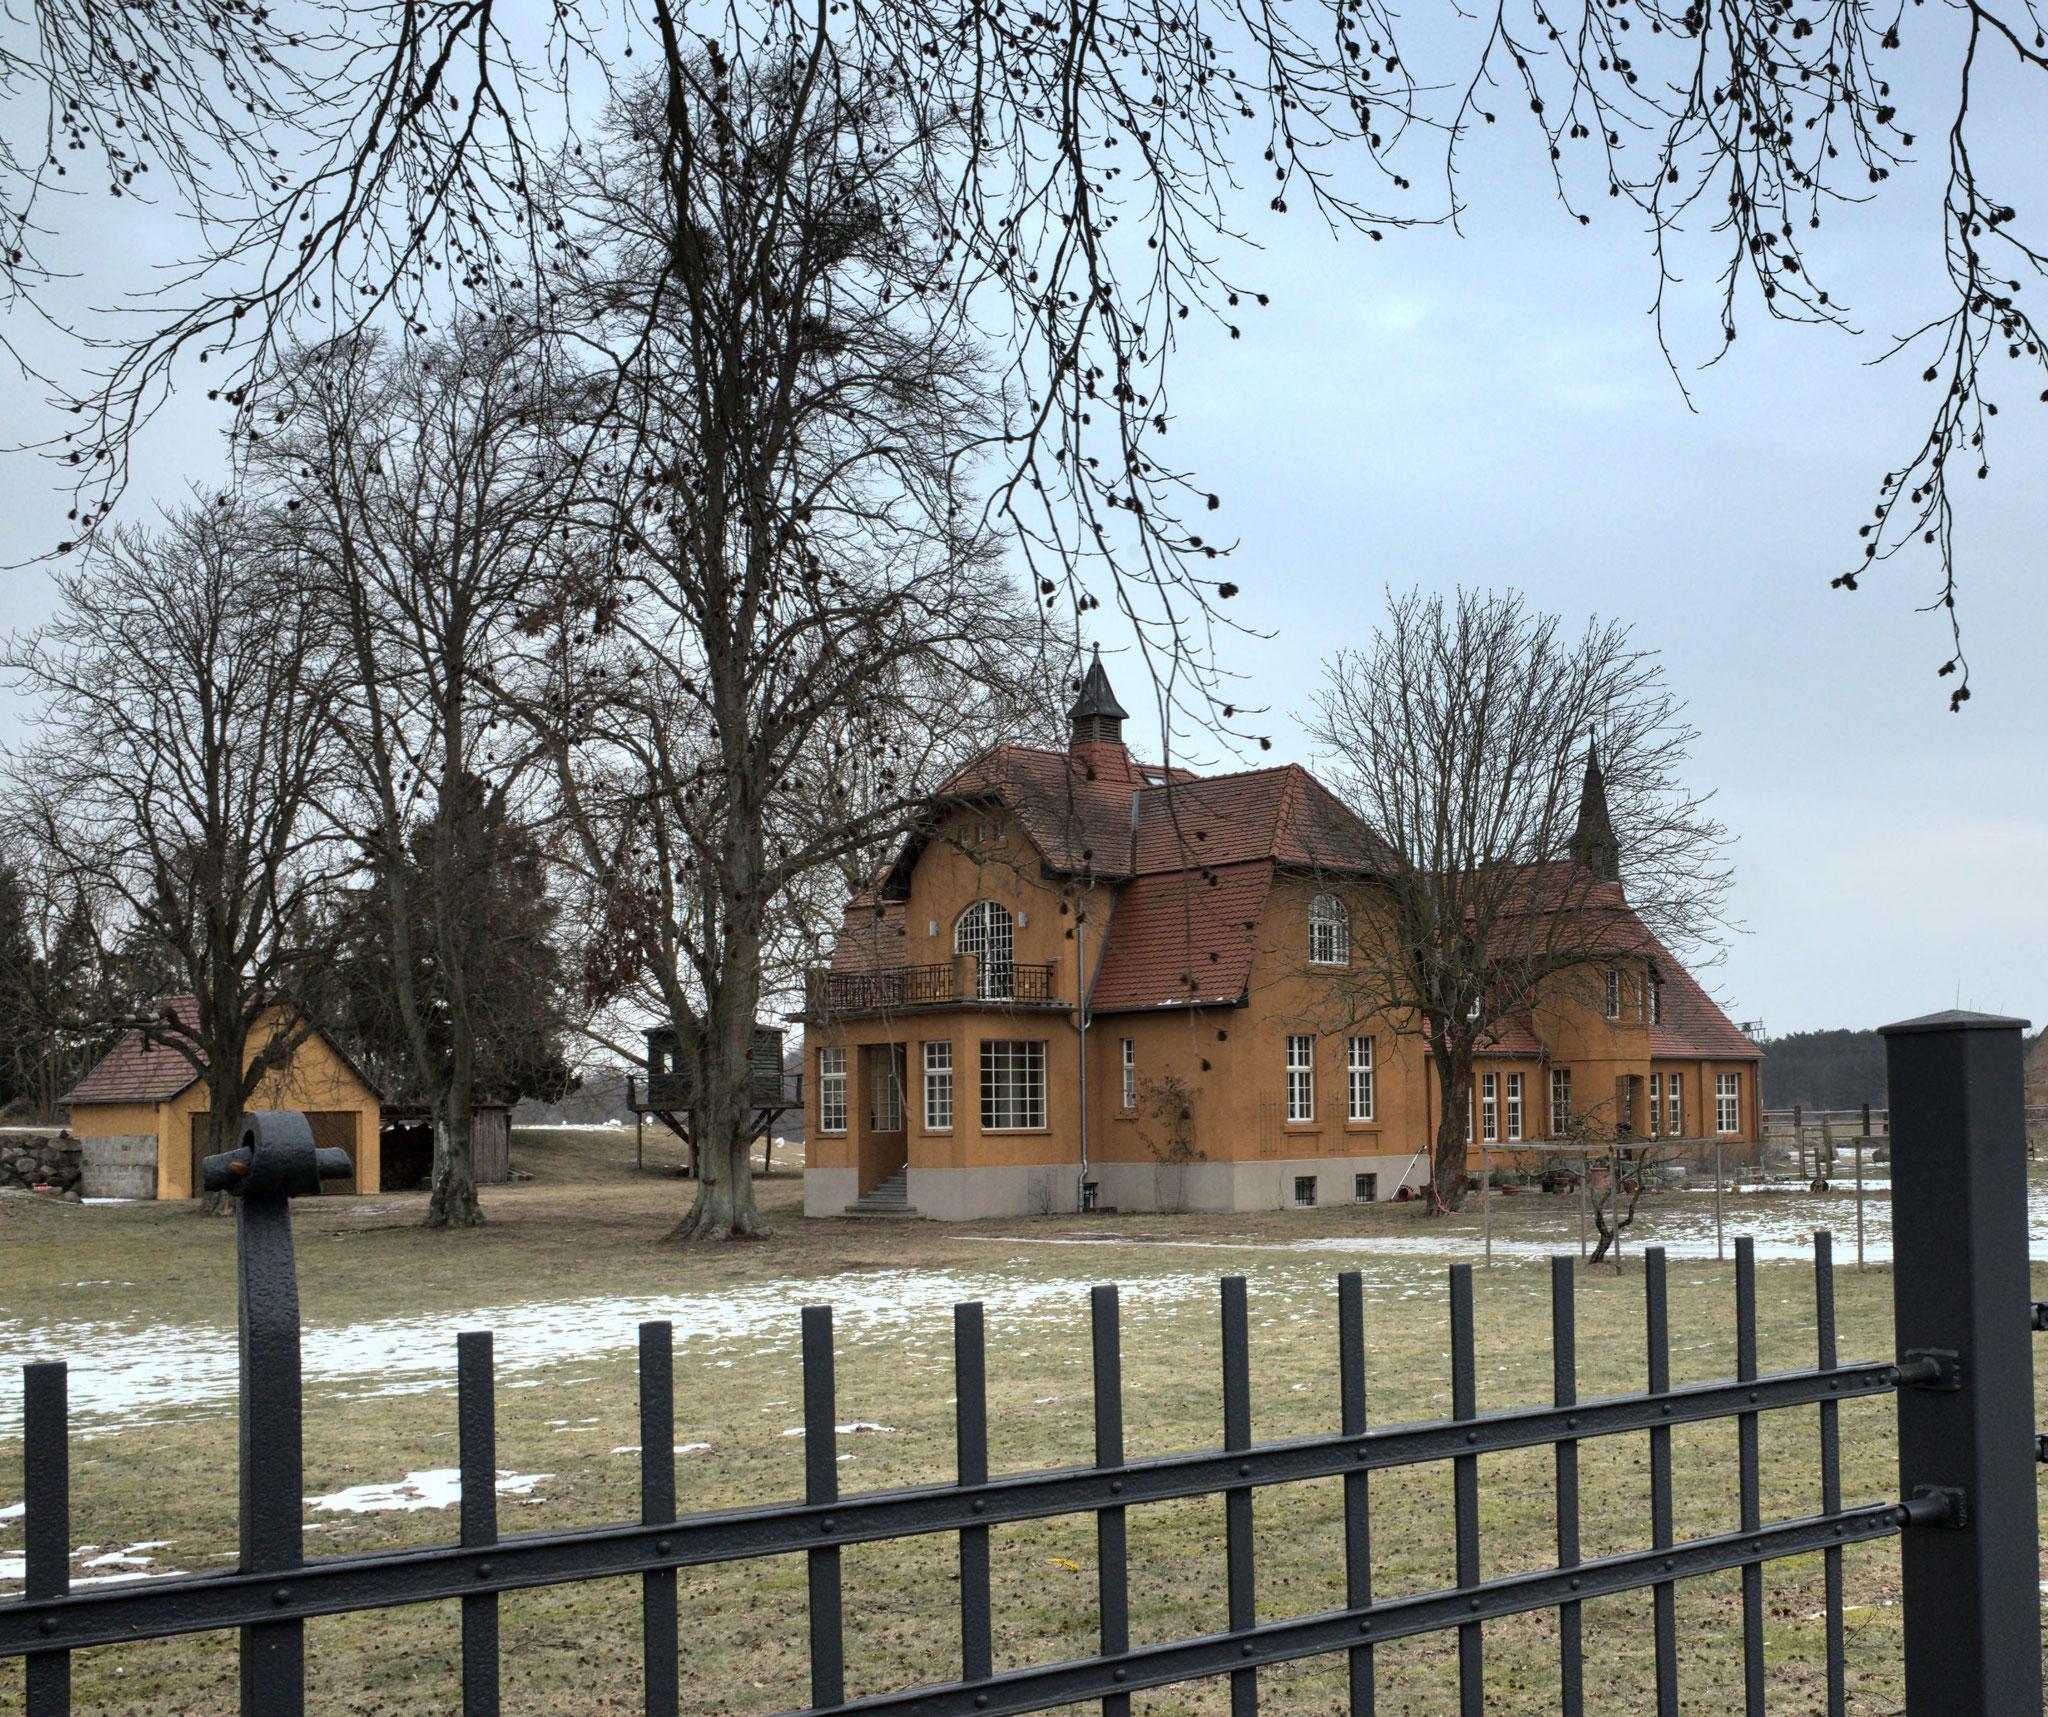 Gutshaus von Blankenförde - Nationalparkdorf- am 11.02.2017